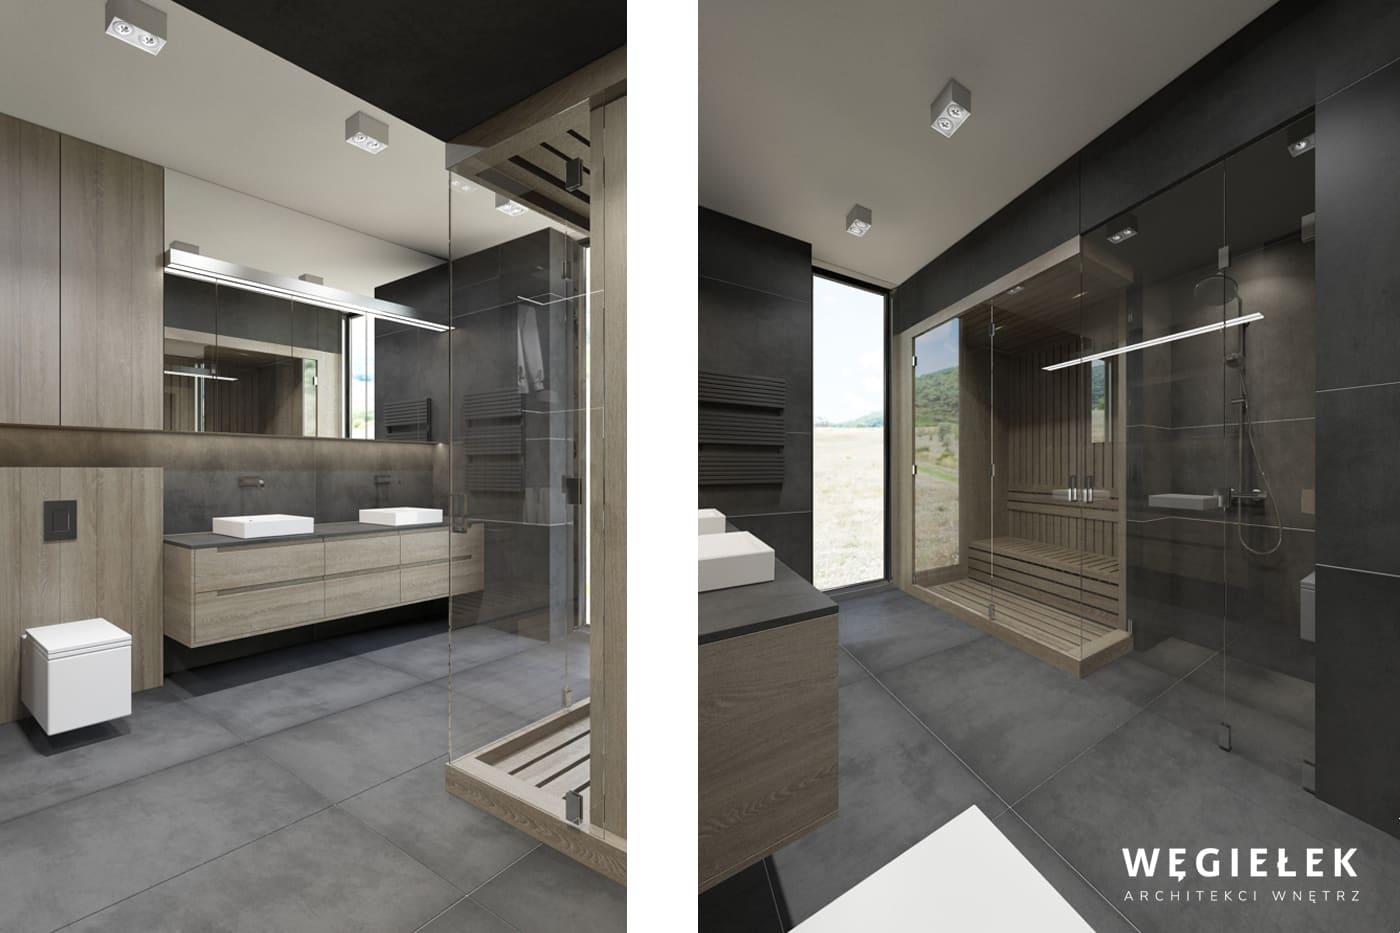 09 łazienka z sauną